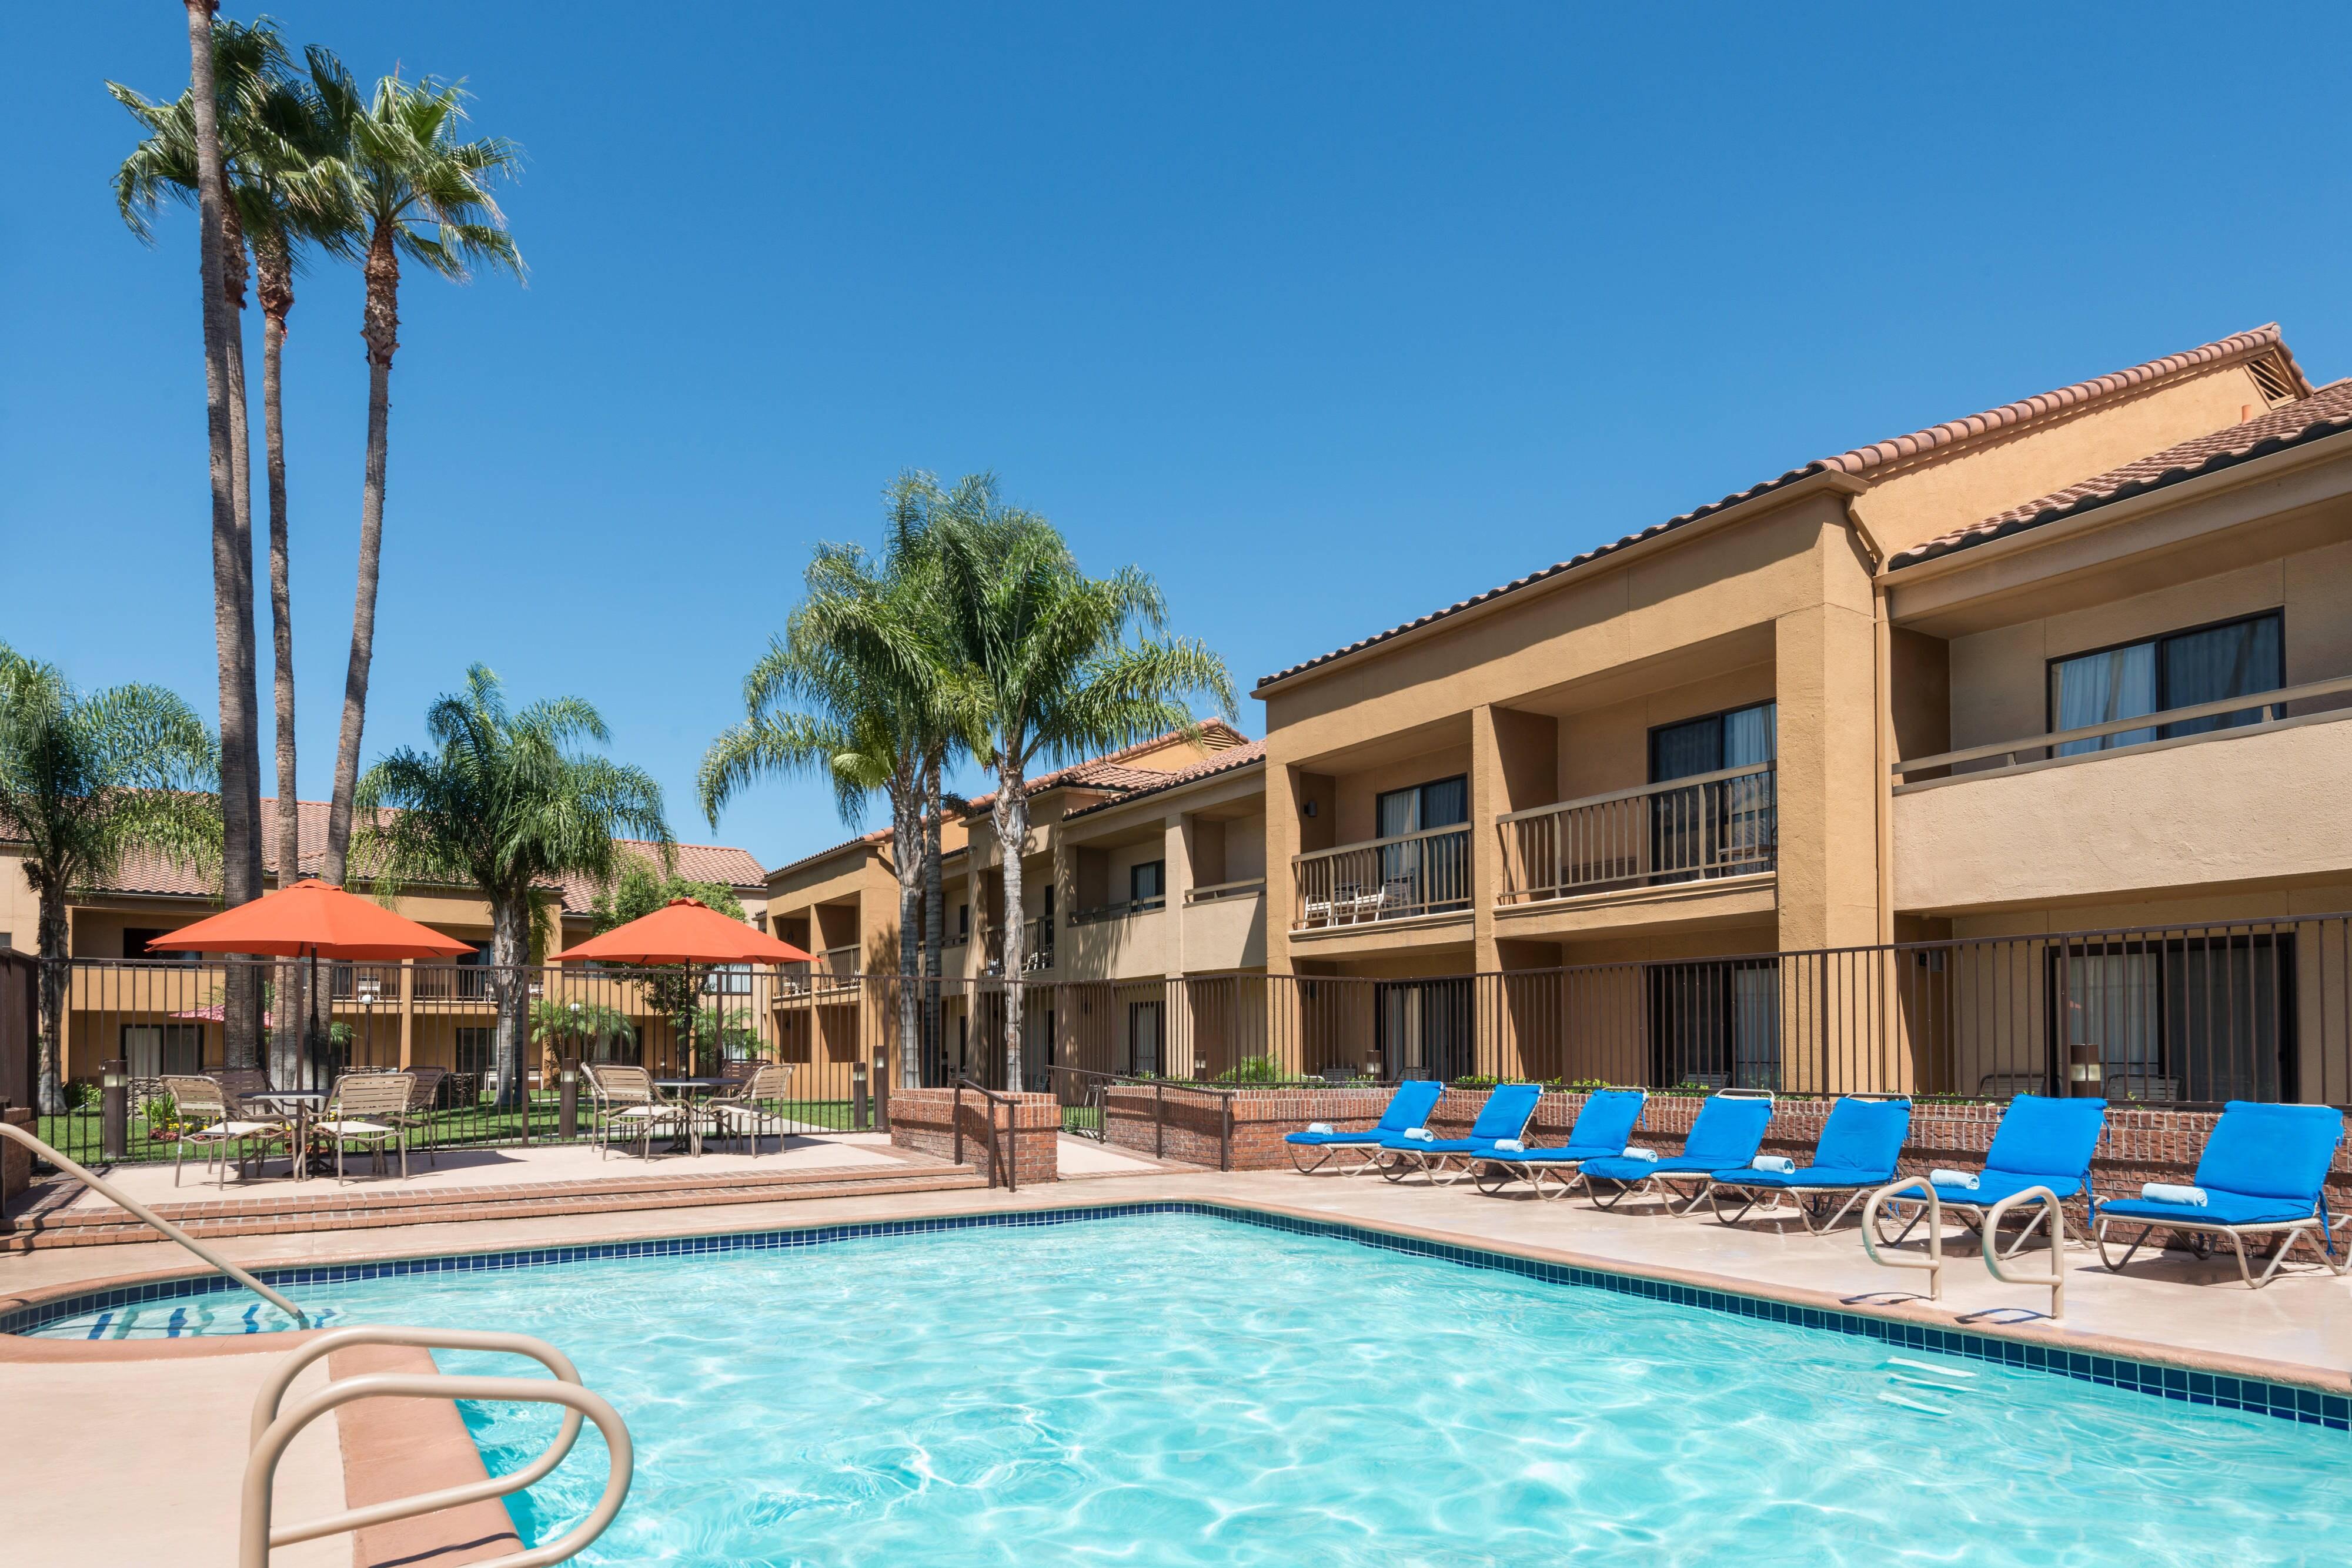 Courtyard Anaheim Buena Park Hotel